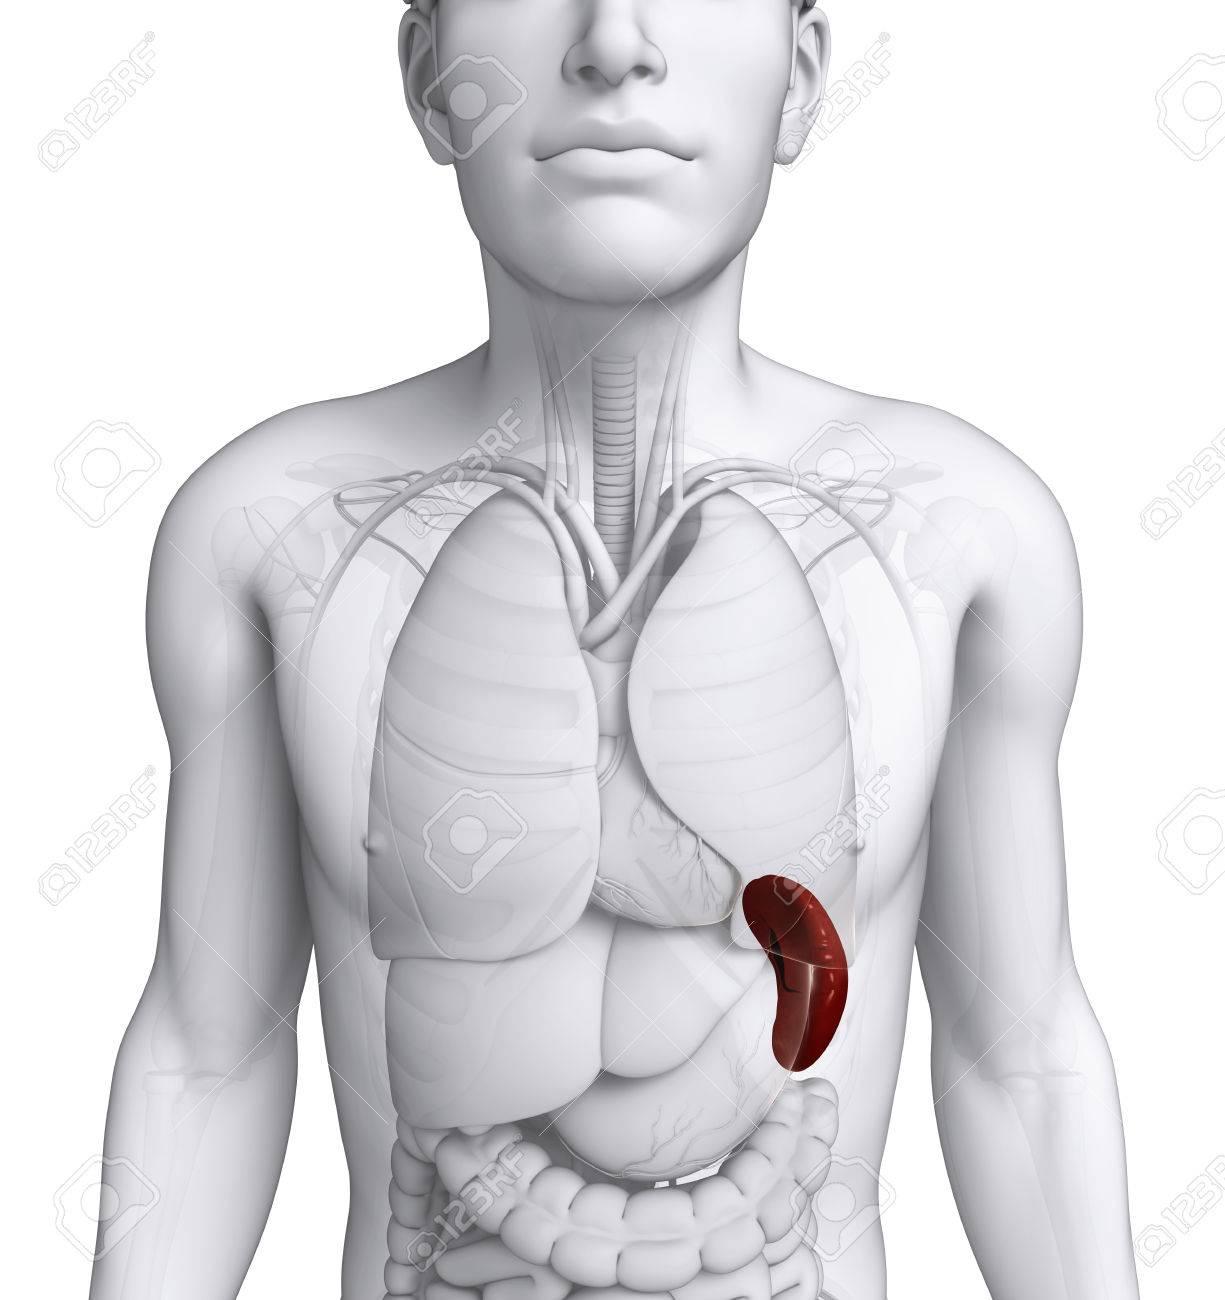 Ilustración De La Anatomía Del Bazo Masculina Fotos, Retratos ...